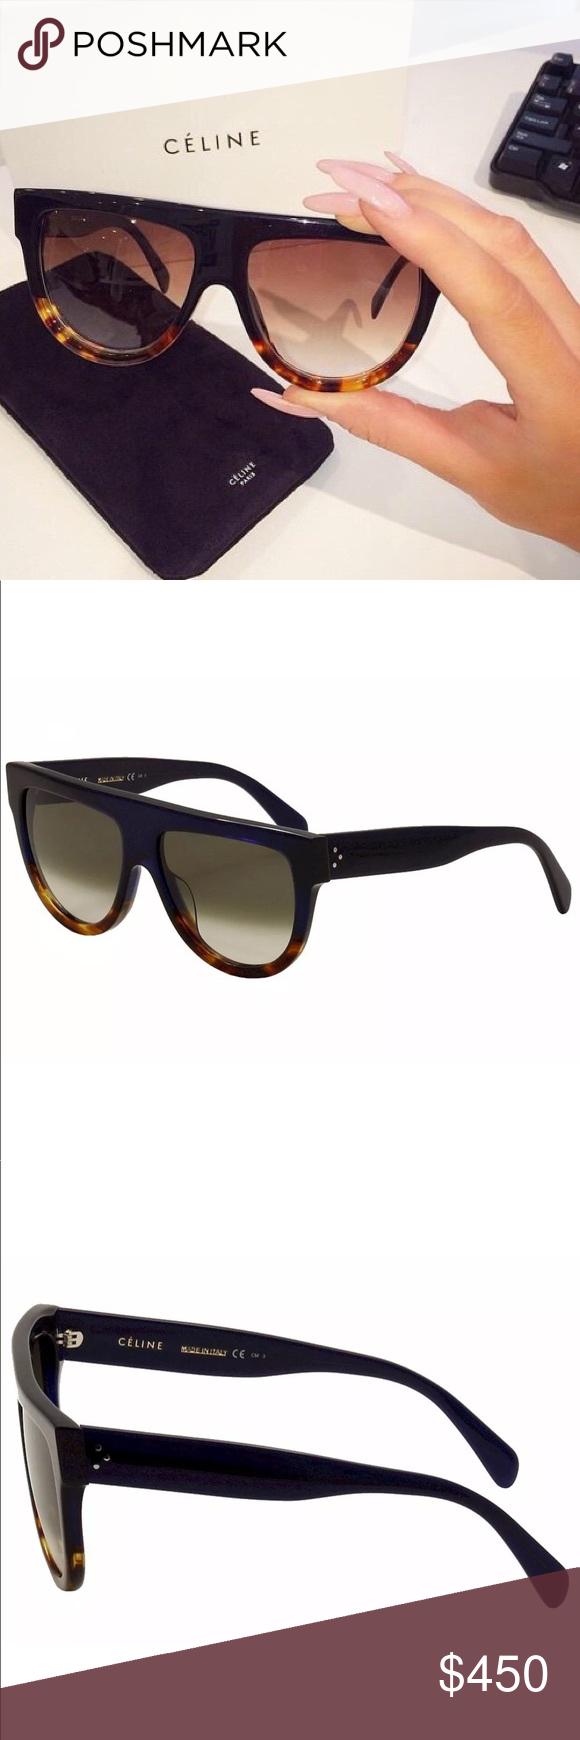 bc8a56cafcf0 Celine Sunglasses Celine Women s CL 41026S 41026 S QLT Z3 Blue Havana